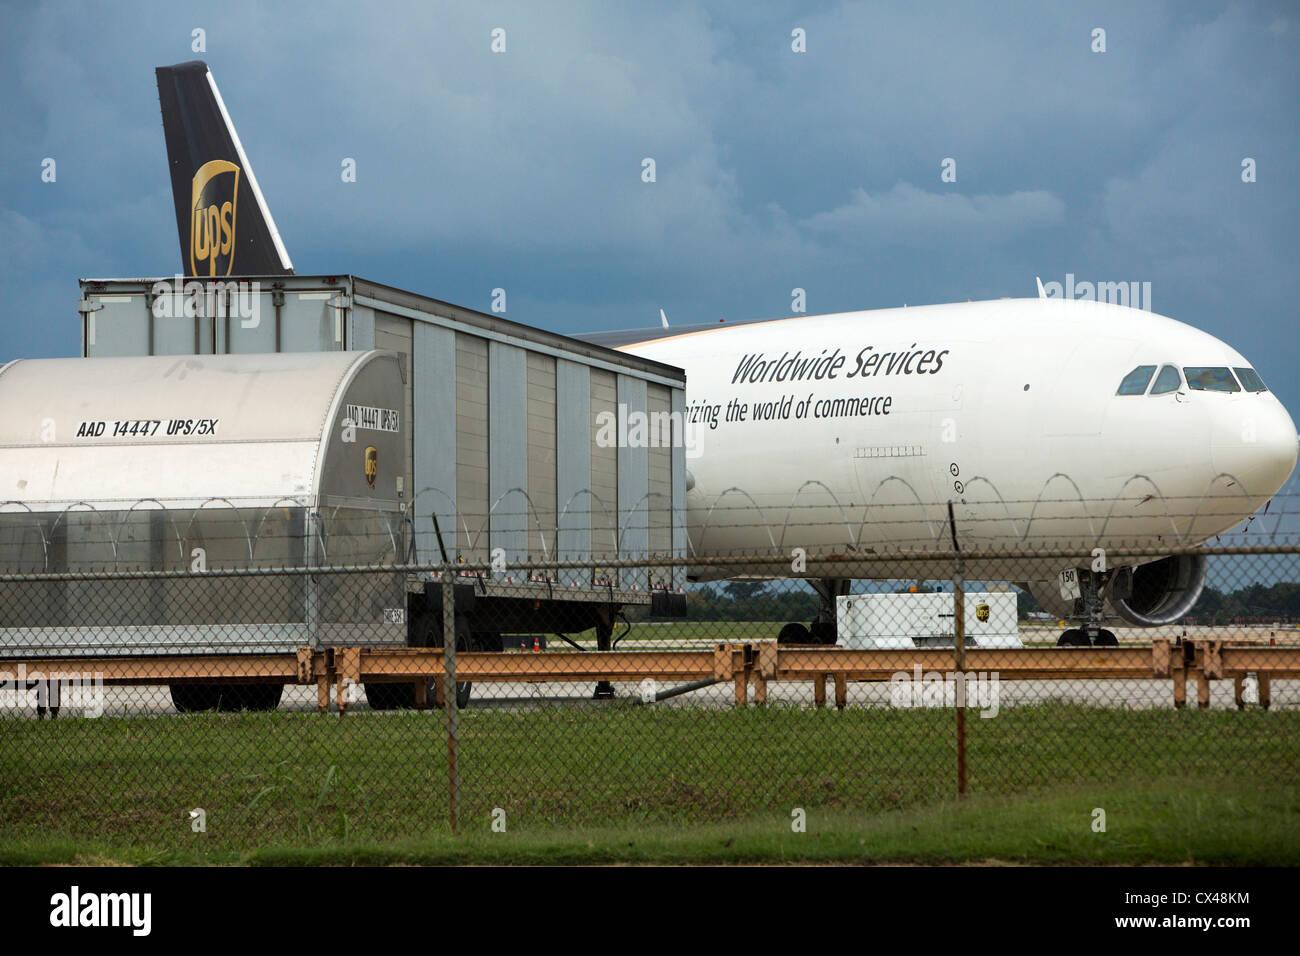 United Parcel Service (UPS) Frachtflugzeug außerhalb einer Sortieranlage. Stockbild